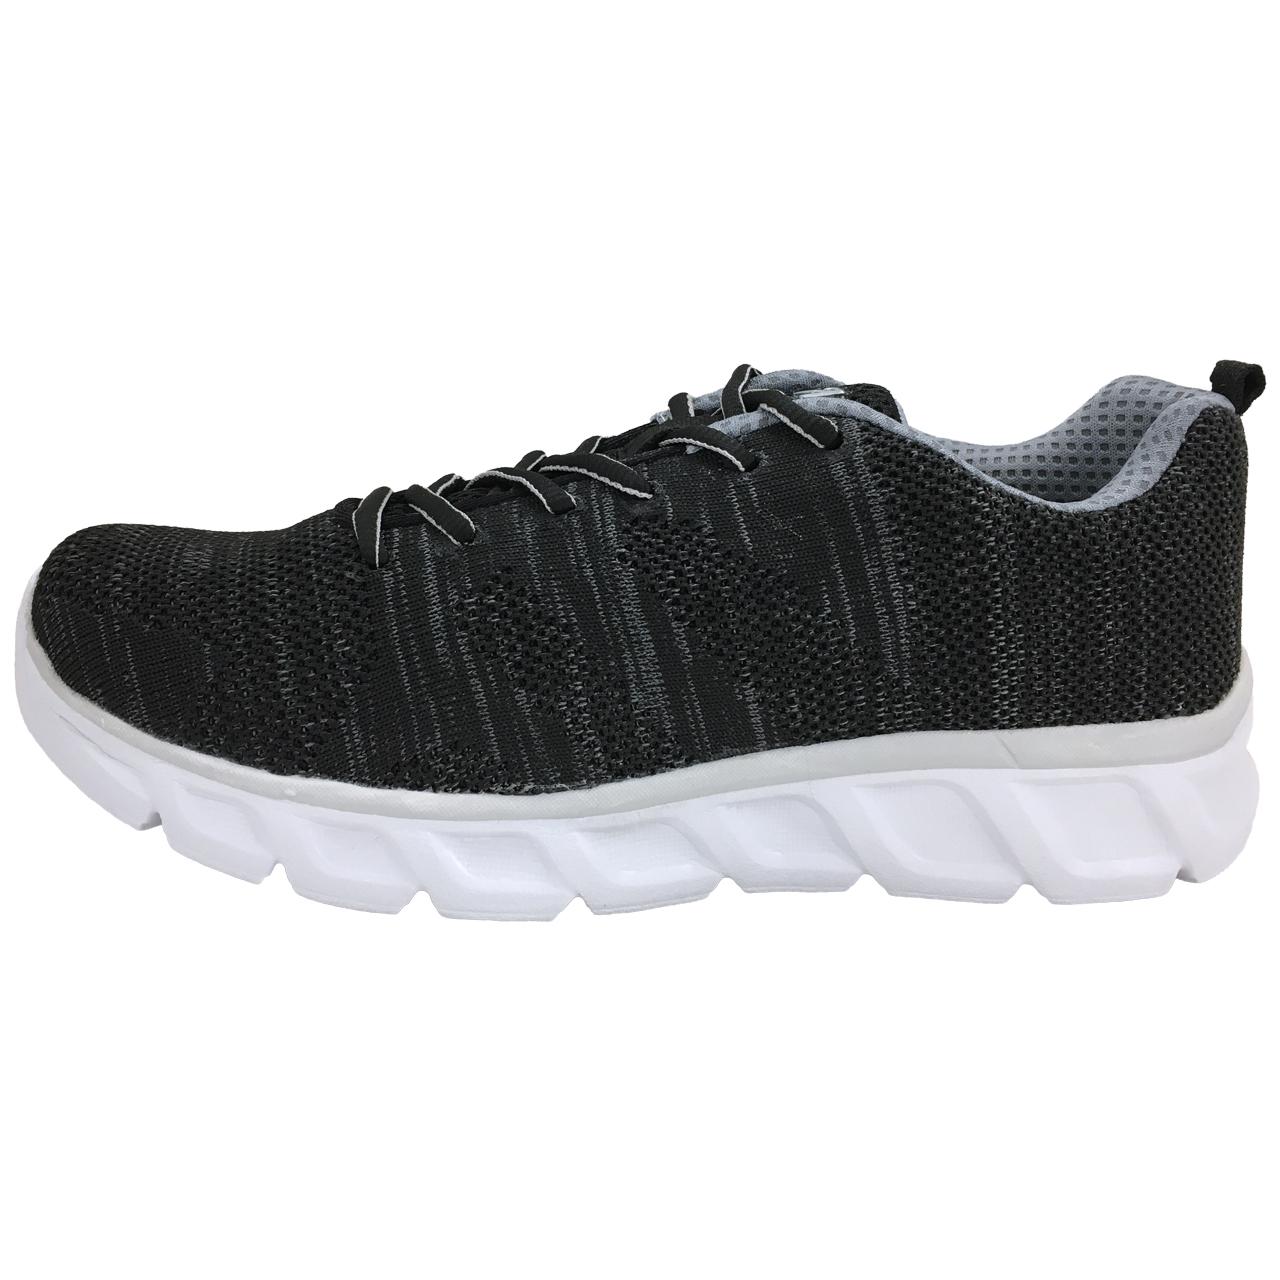 قیمت کفش مخصوص پیاده روی مردانه آلبرتینی مدل پارسیان 2961